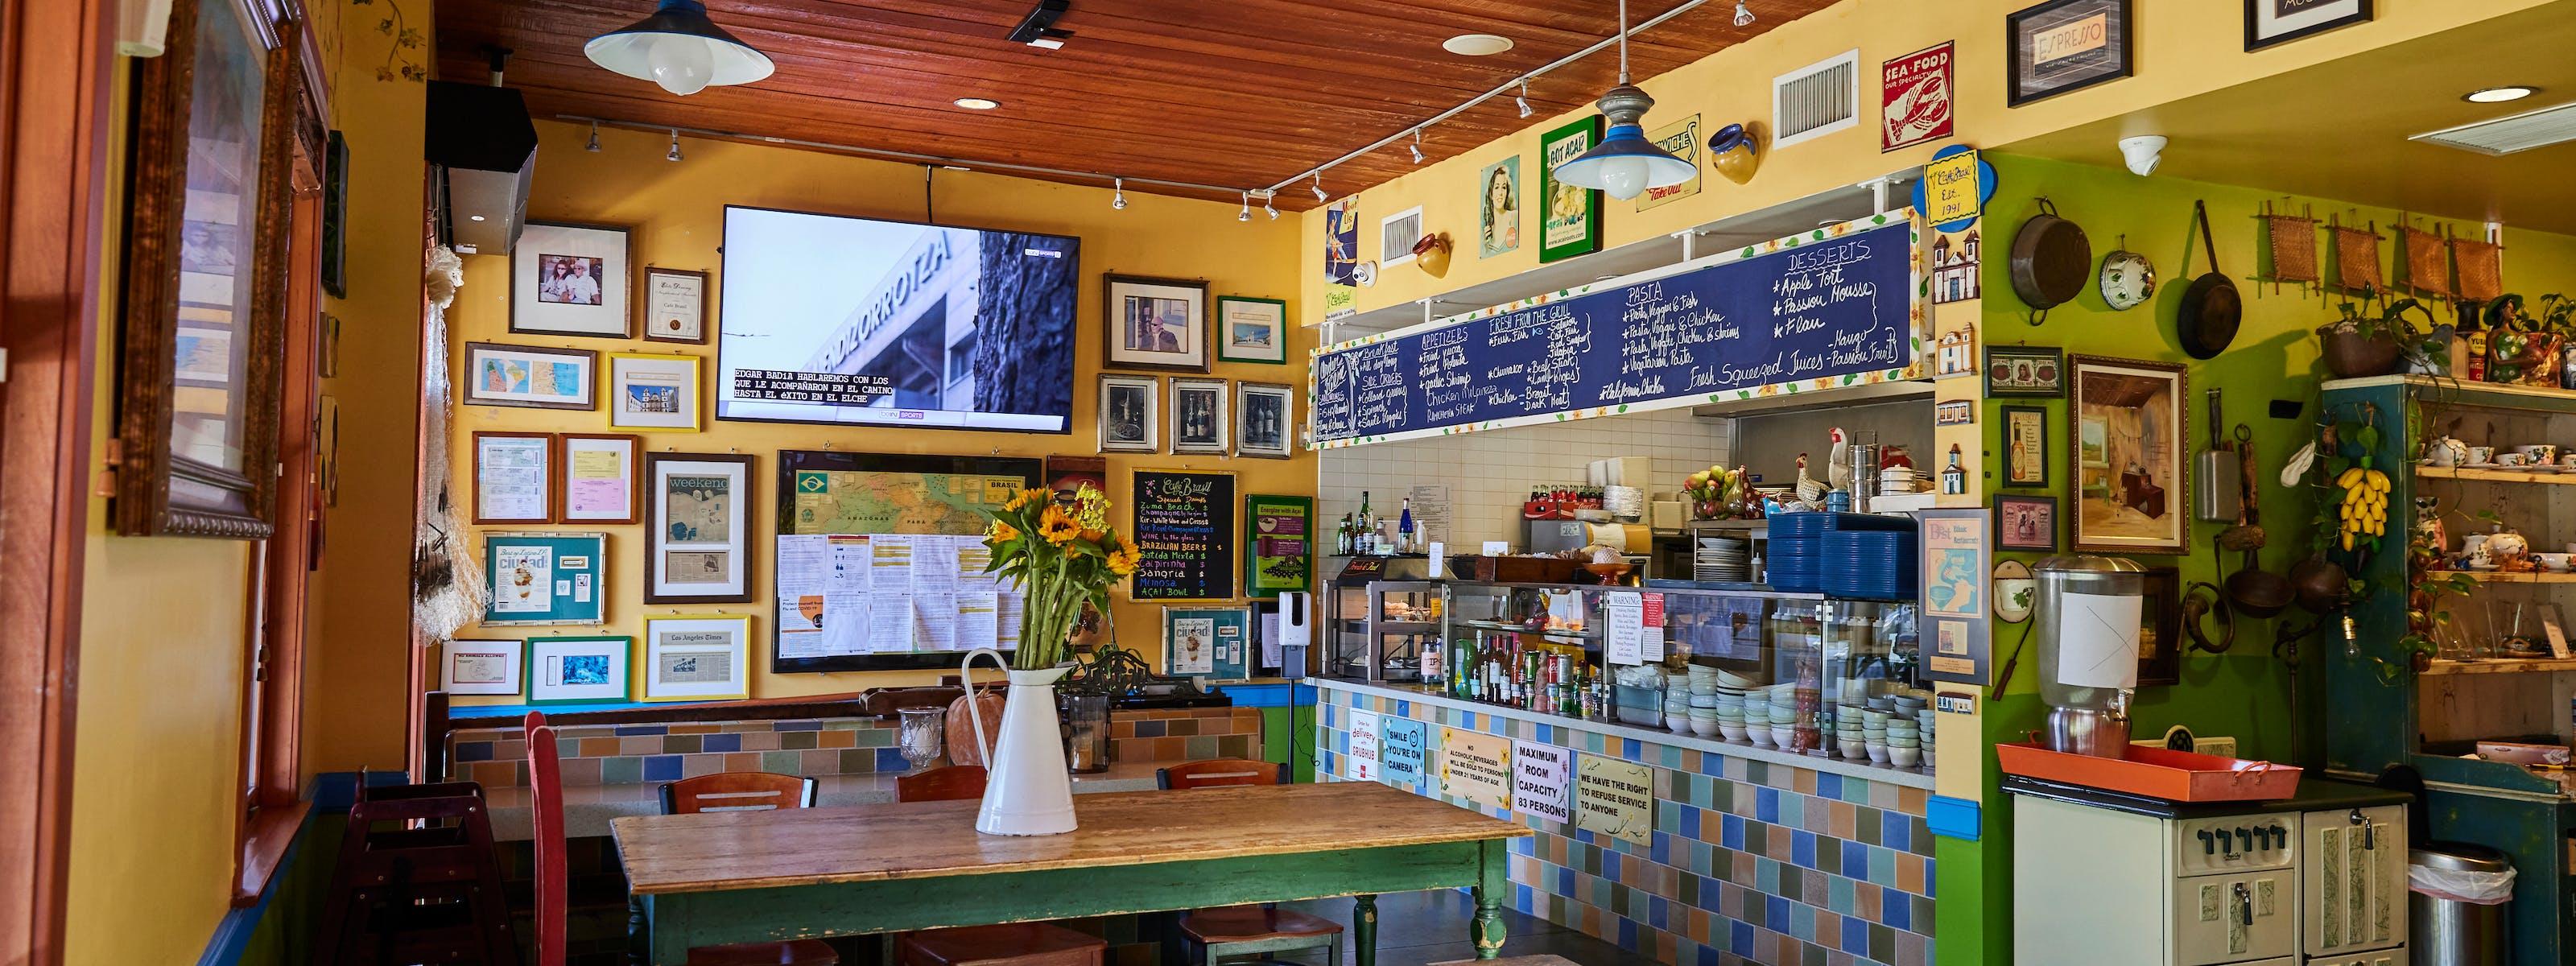 The Best Brazilian Restaurants In LA - Los Angeles - The Infatuation